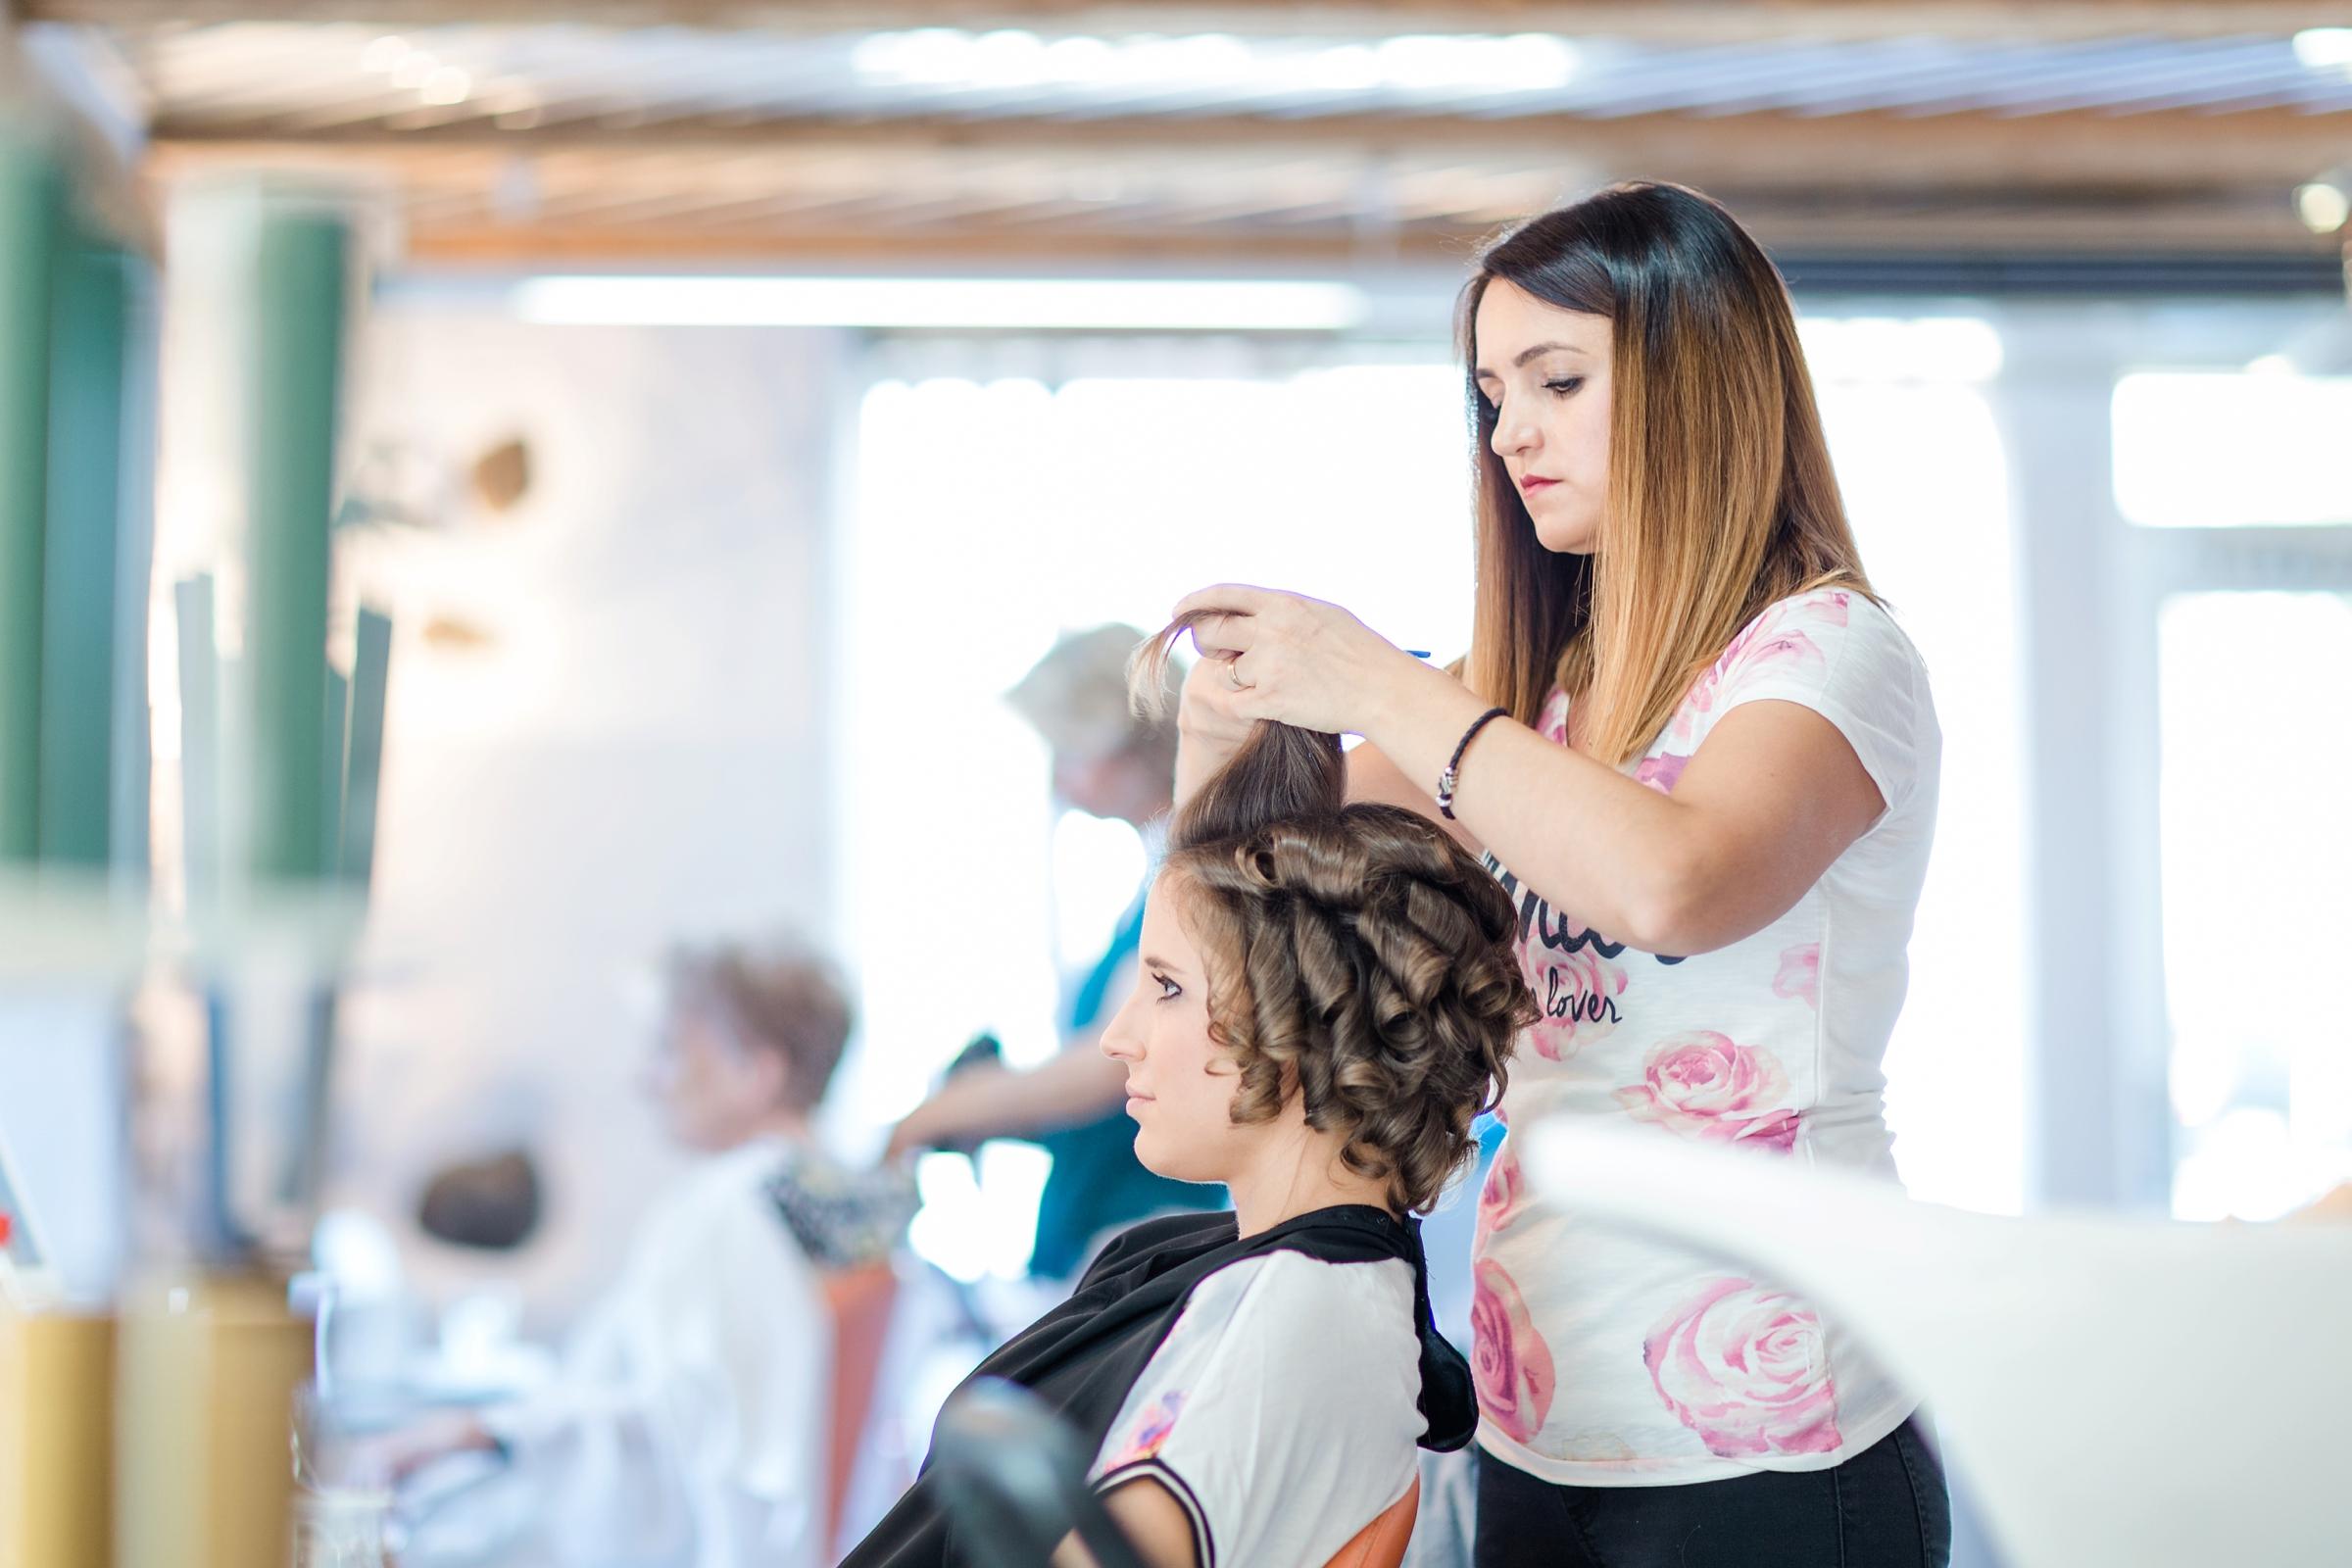 Hochzeitsreportage-Zuerich-Brautvorbereitung-Friseur-Frisur-Getting-Ready